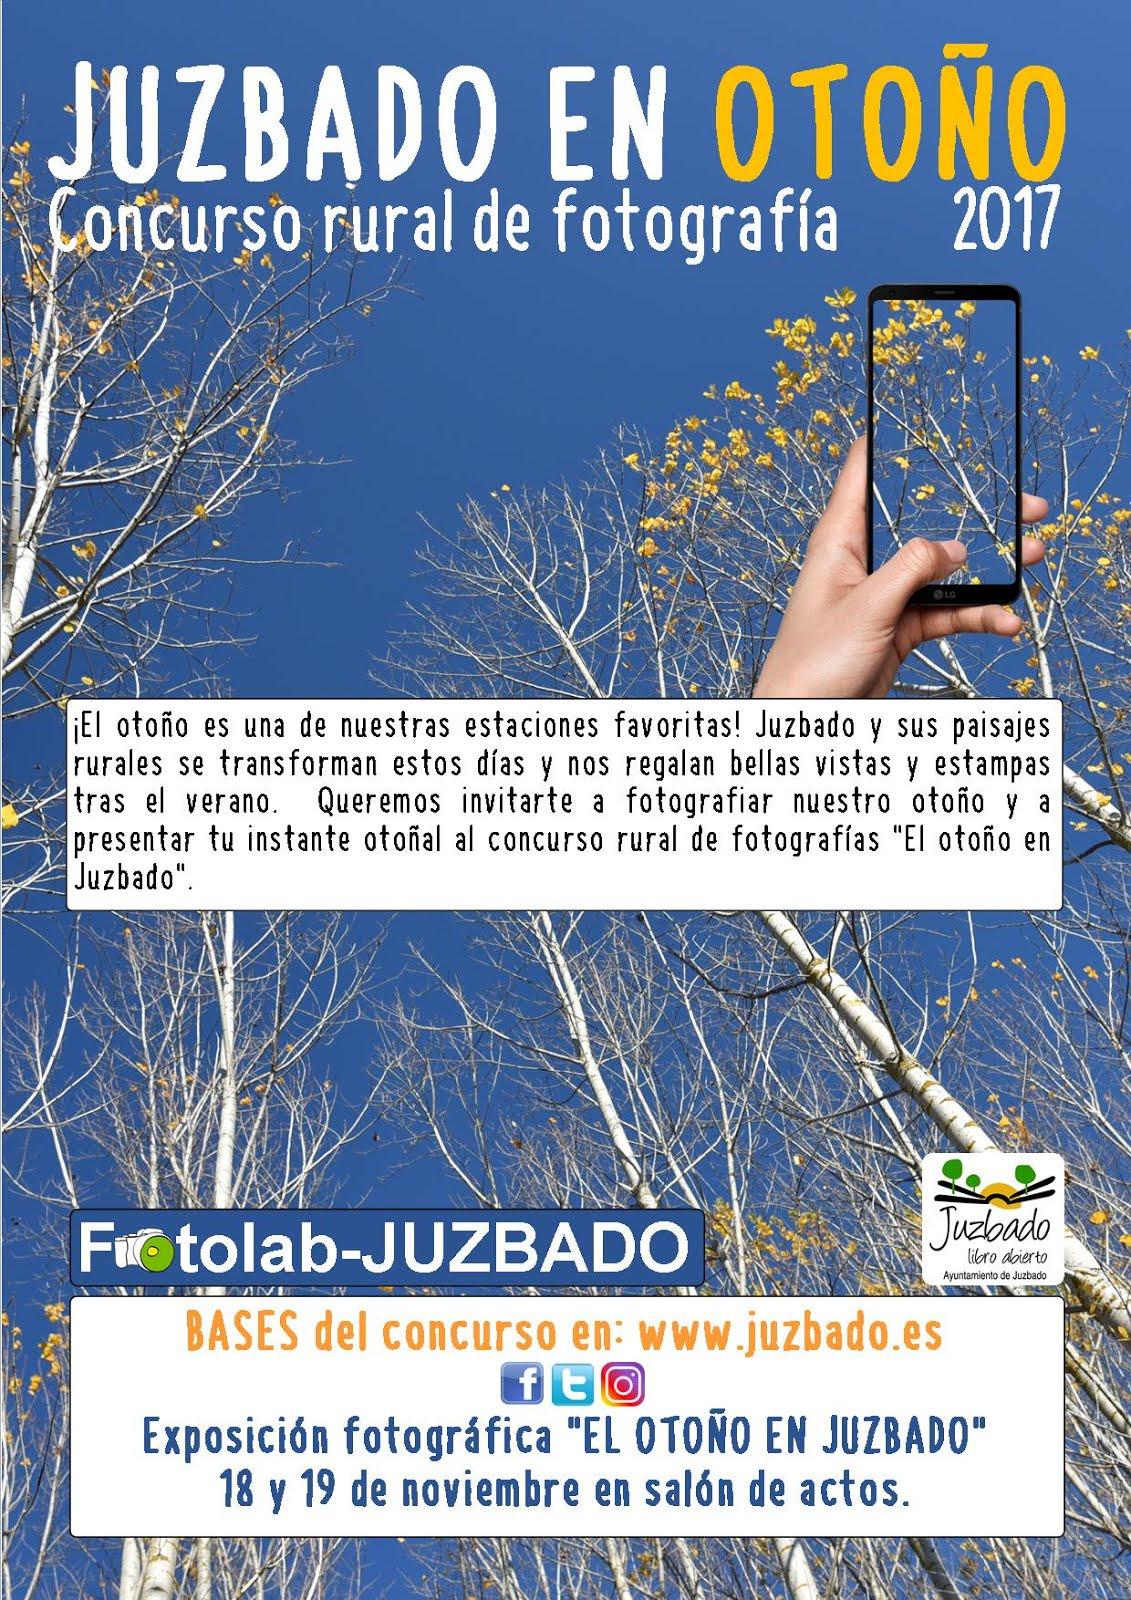 CONCURSO FOTOGRÁFICO OTOÑAL